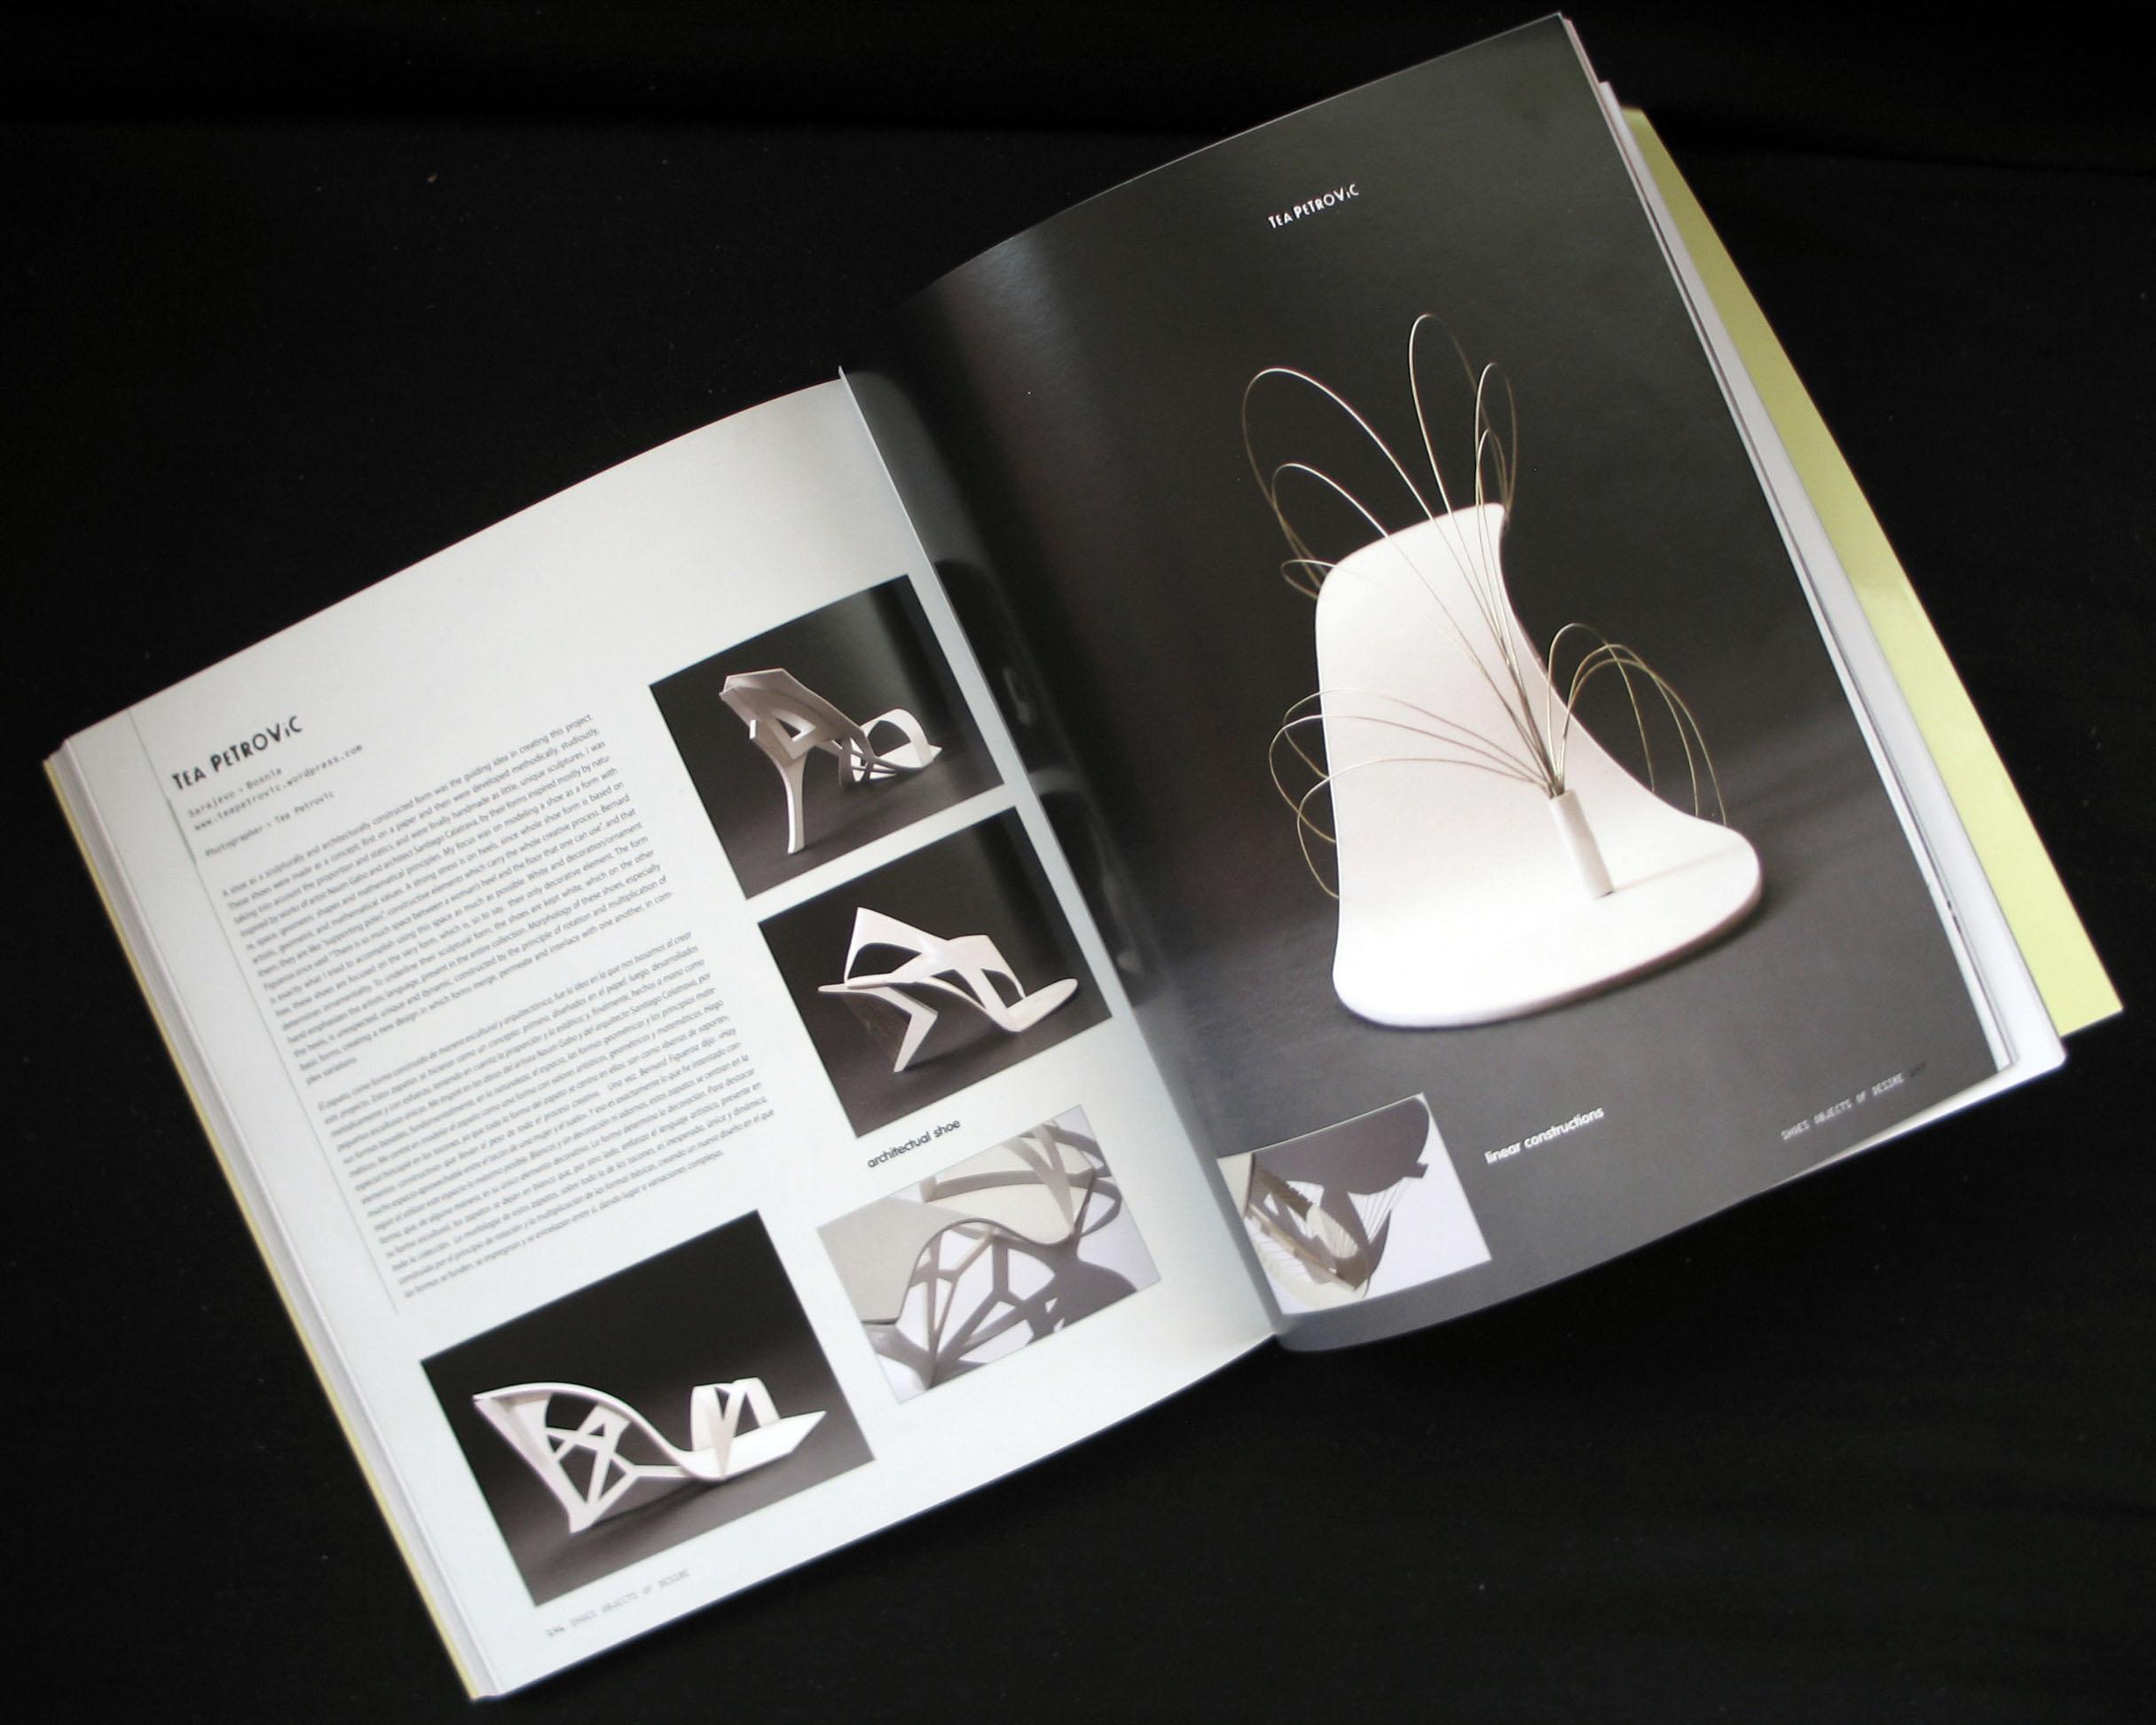 Fashion & Desire by Monsa